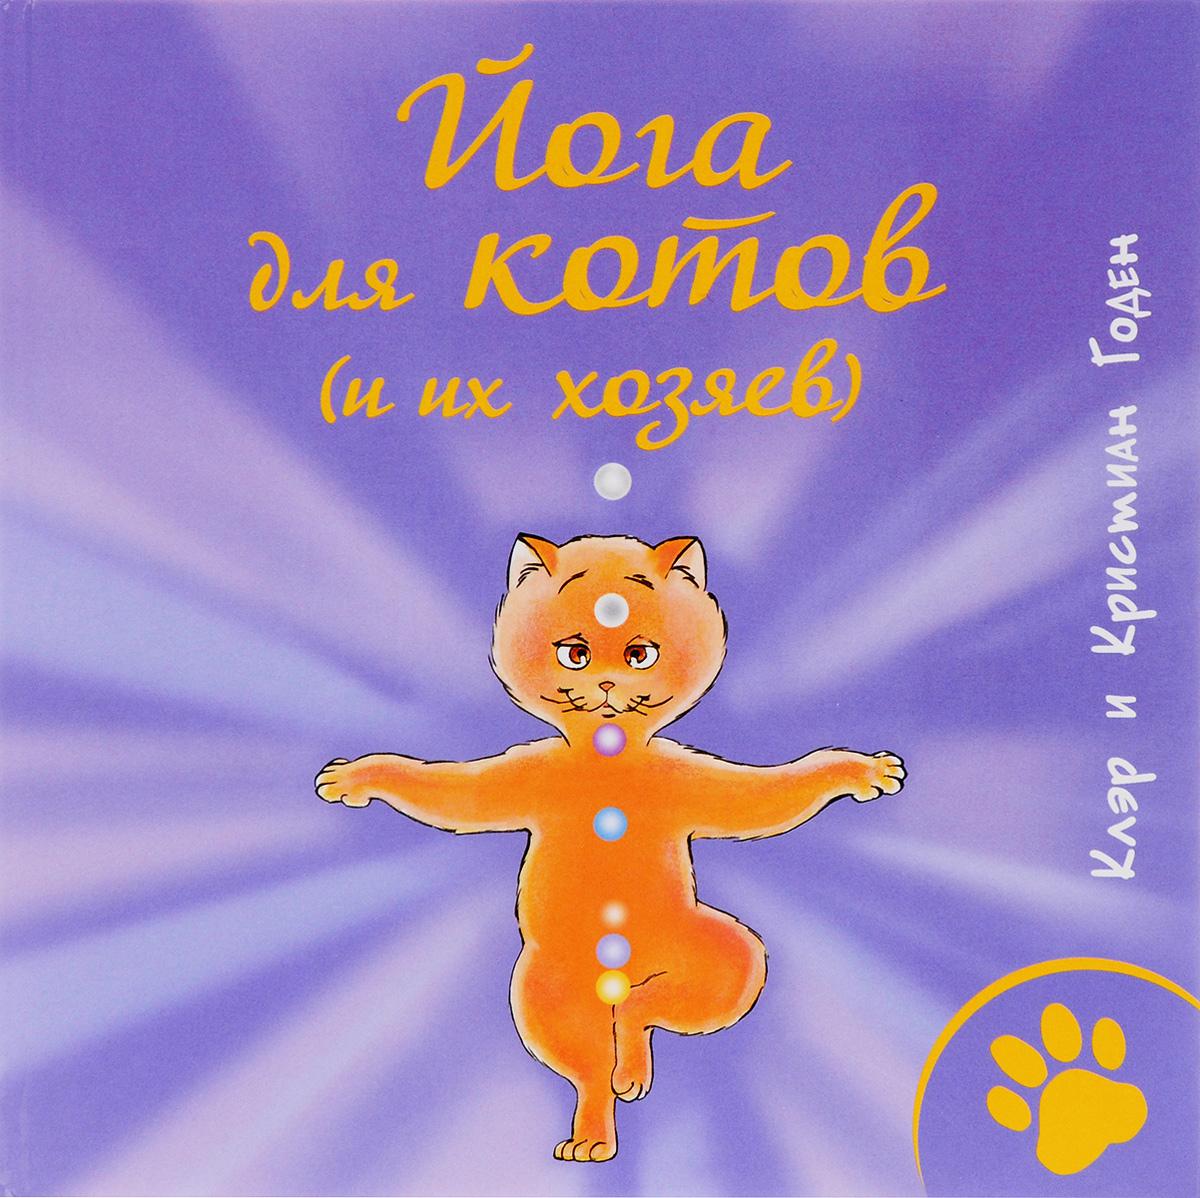 Годен Клэр и Кристиан Йога для котов (и их хозяев) годен клэр и кристиан подлинный дзен для котов и их хозяев